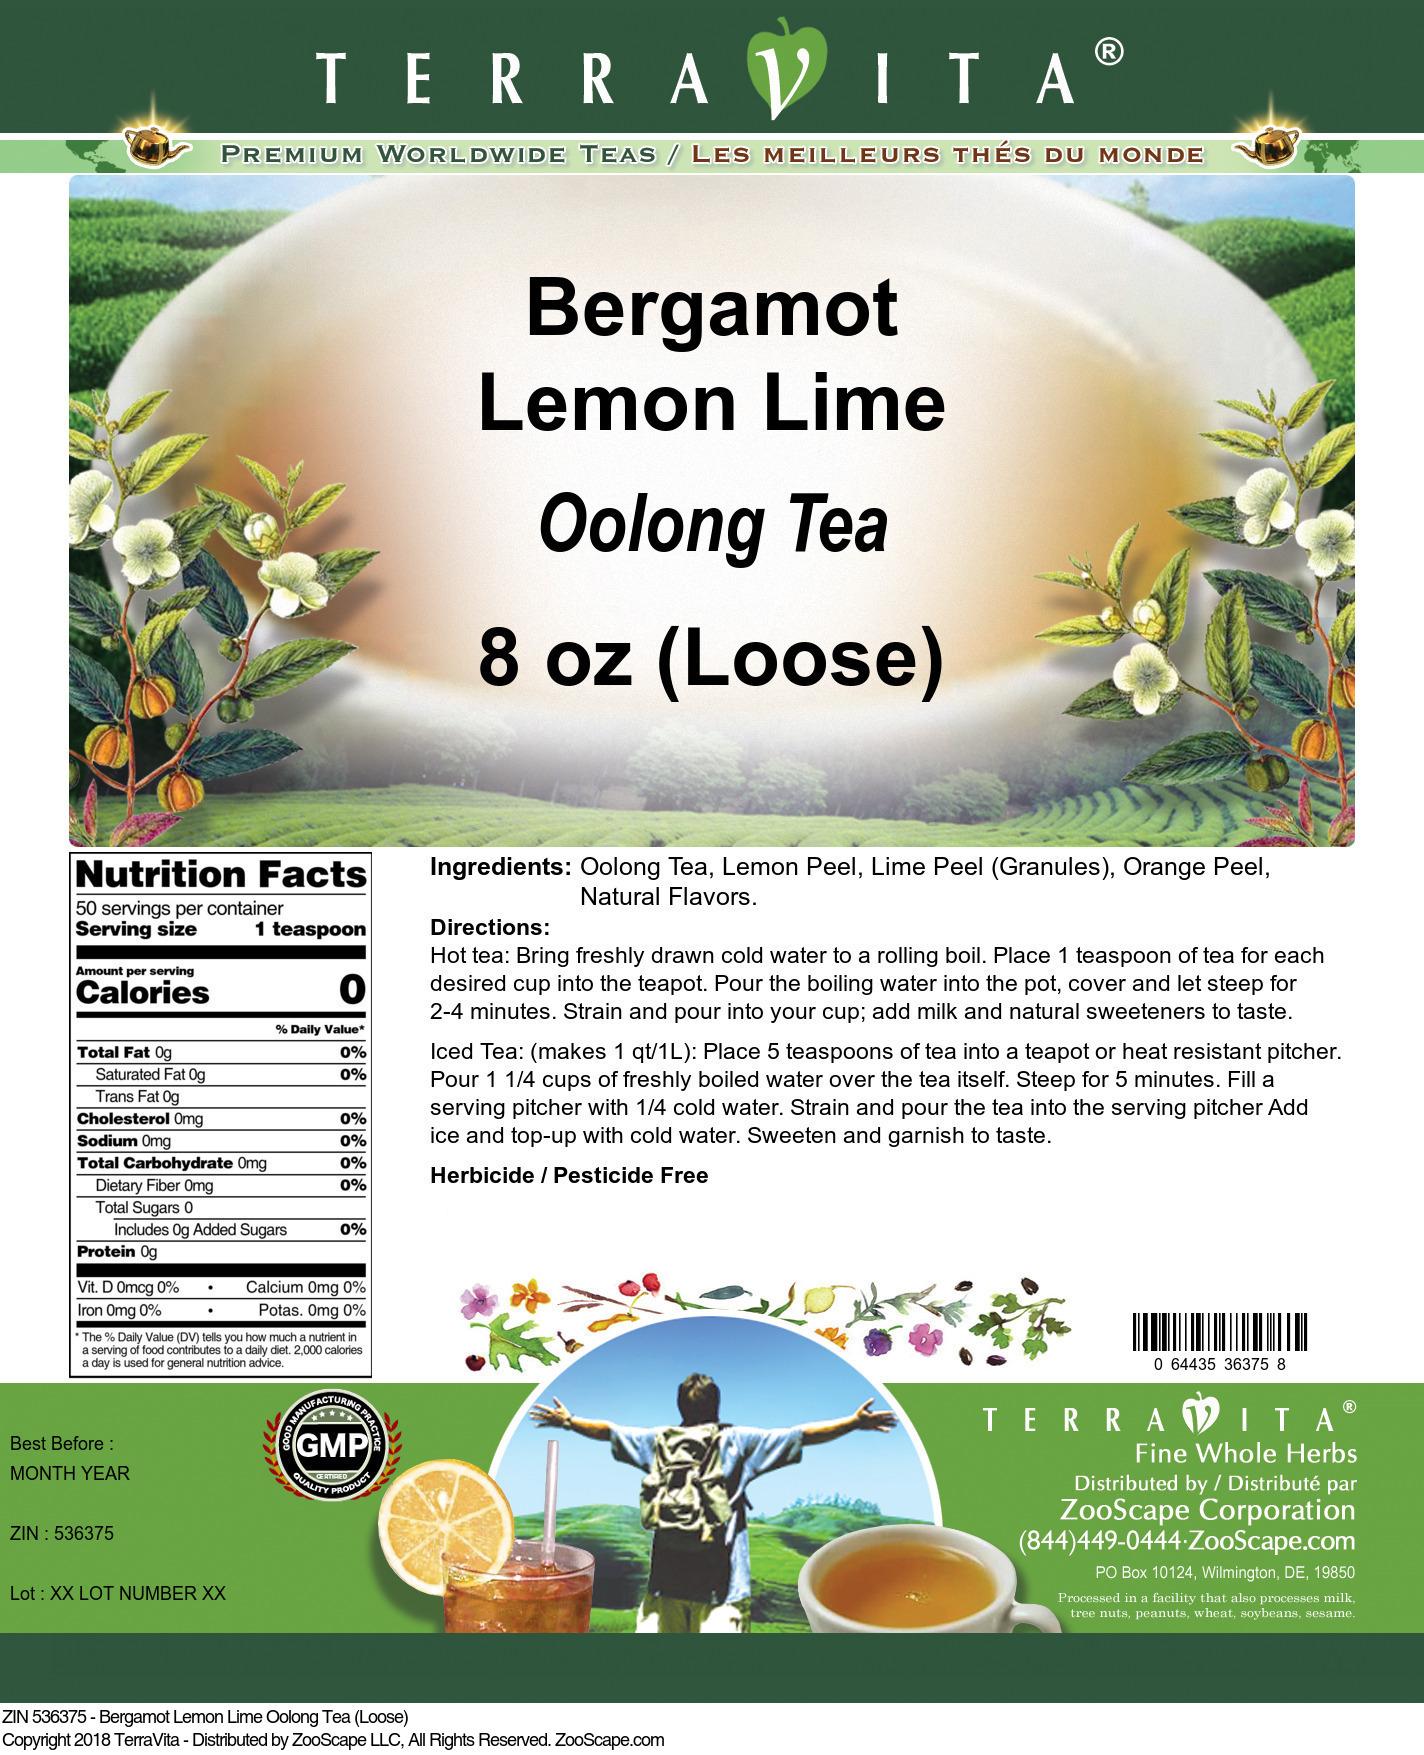 Bergamot Lemon Lime Oolong Tea